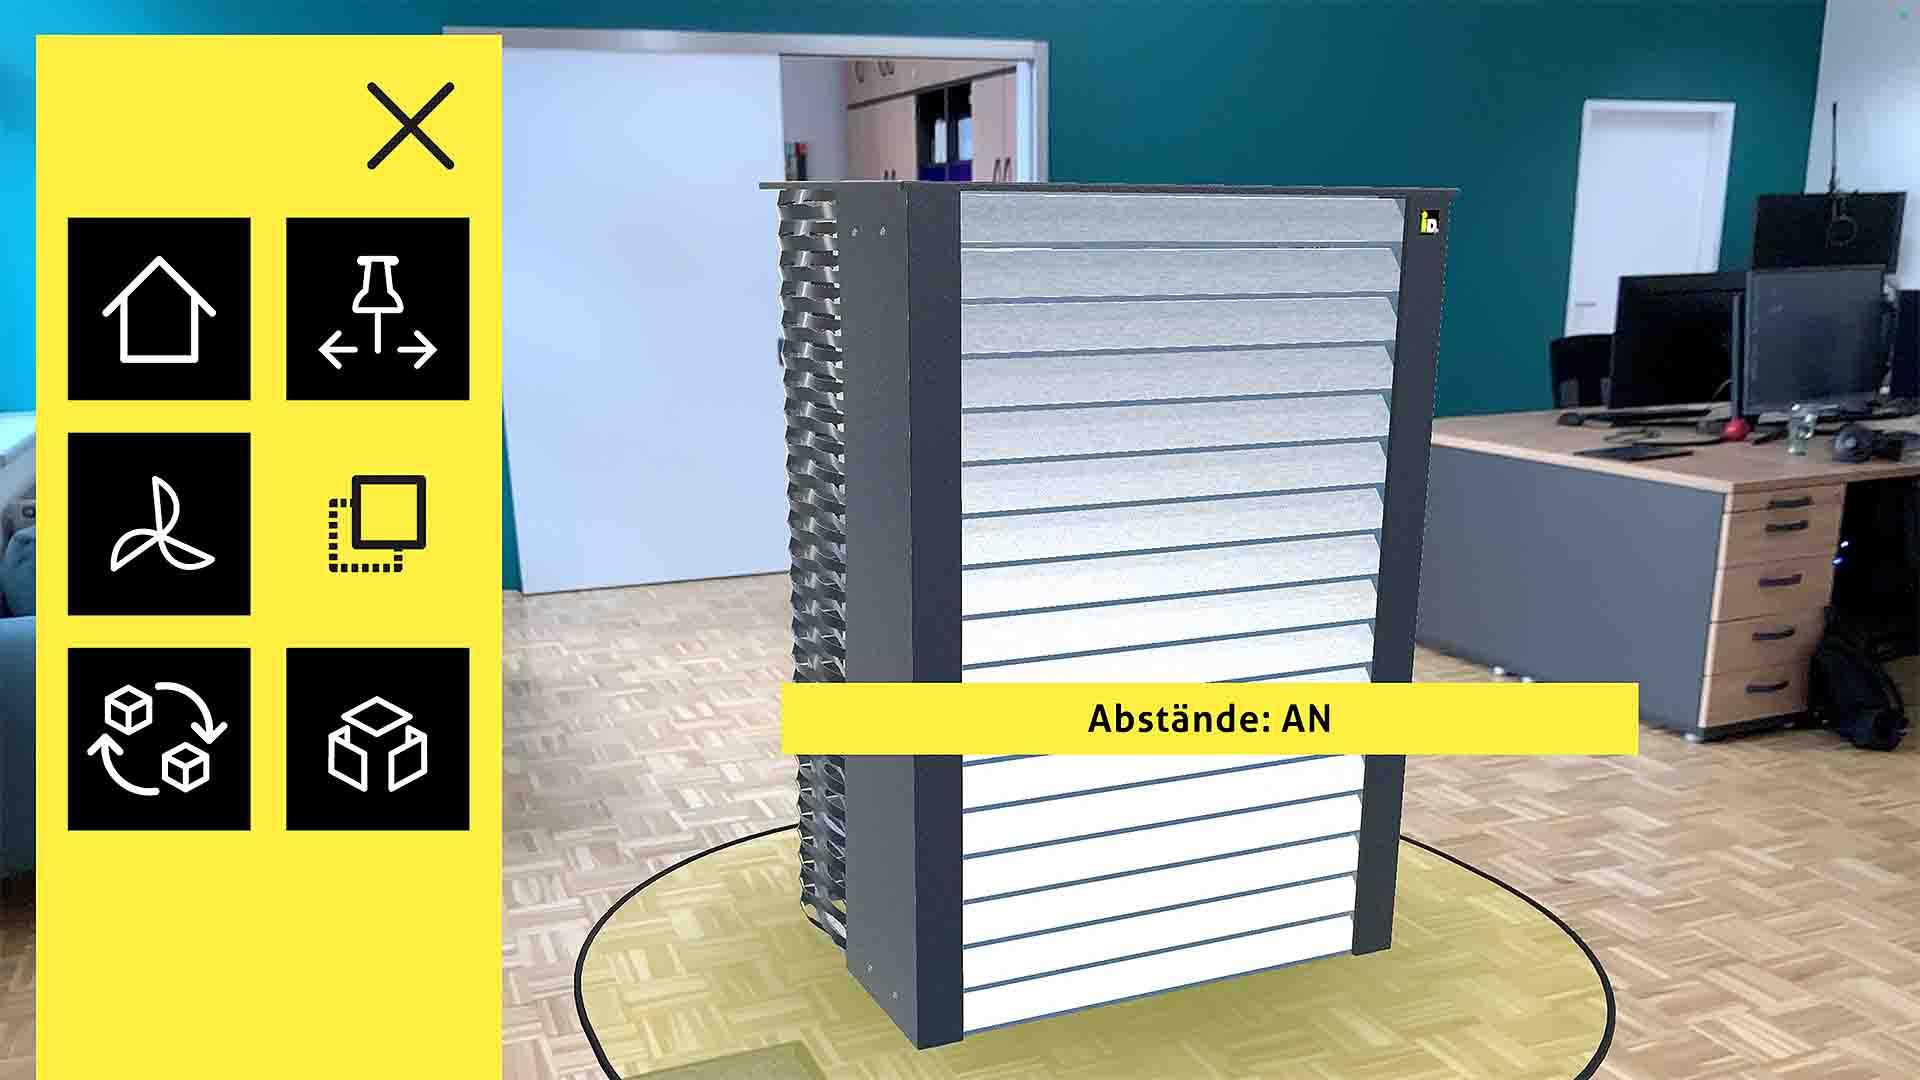 Kunden von iDM können mit der Wärmepumpen AR App ganz einfach eine virtuelle Wärmepumpe in den eigenen 4 Wänden positionieren und diese auseinanderbauen.